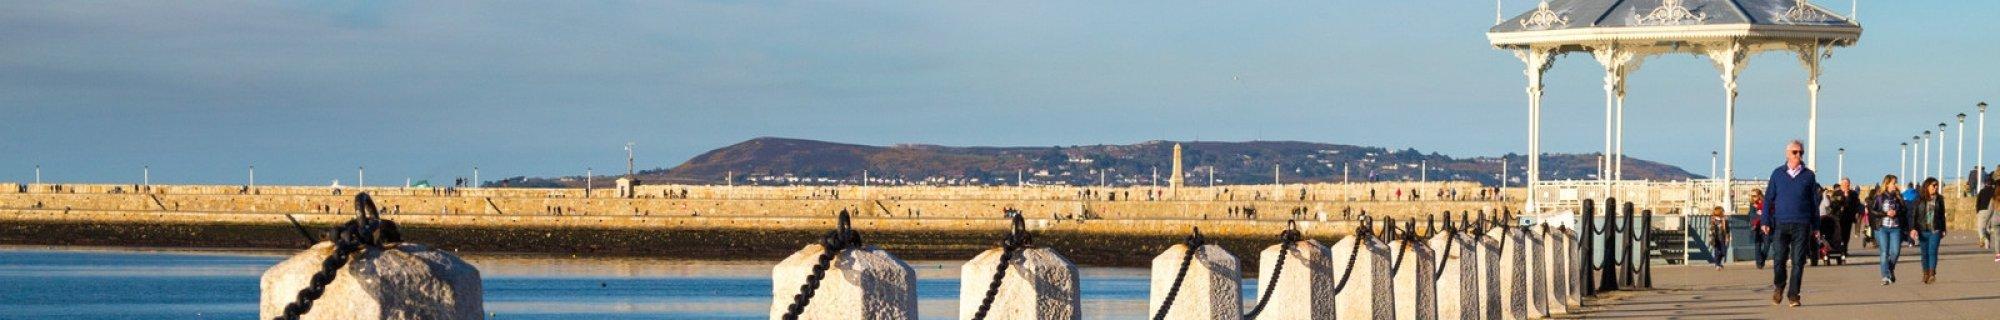 Dun Laoghaire Pier